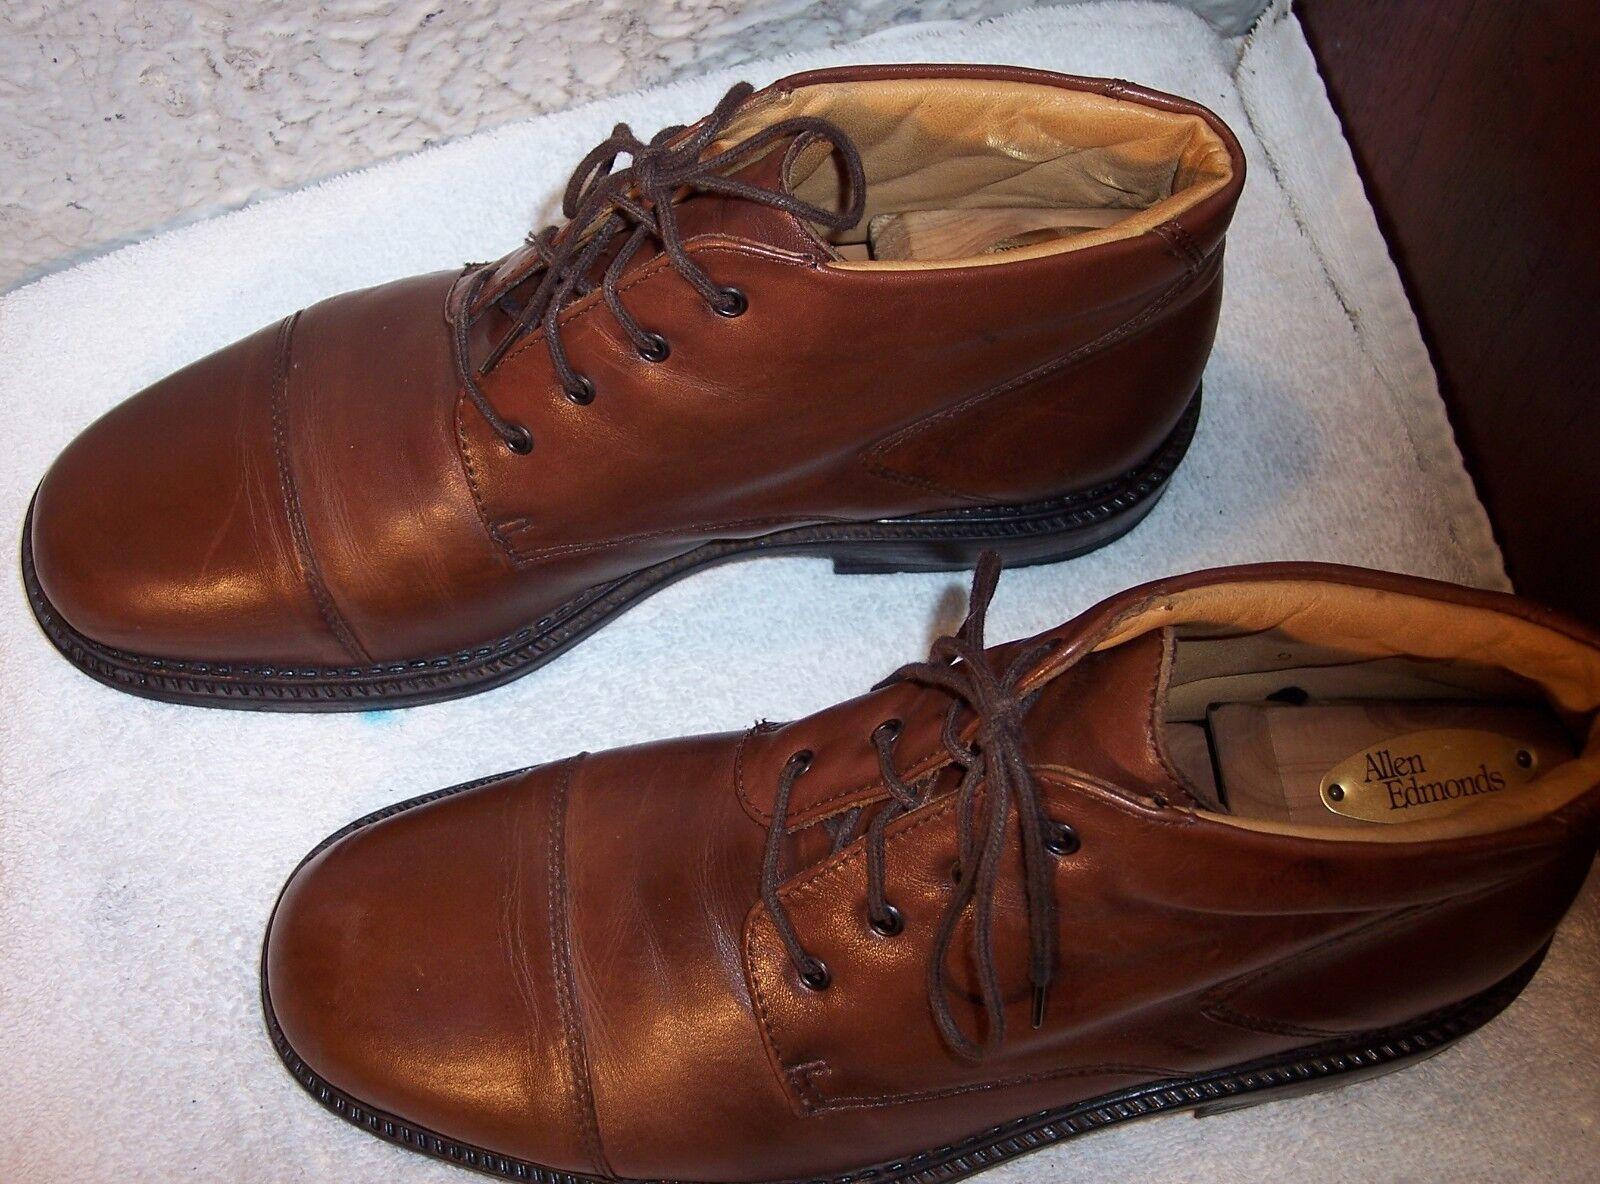 Borelli 9M  Marronee Calfskin Leather Cap -Toe Ankle stivali   Spedizione gratuita per tutti gli ordini